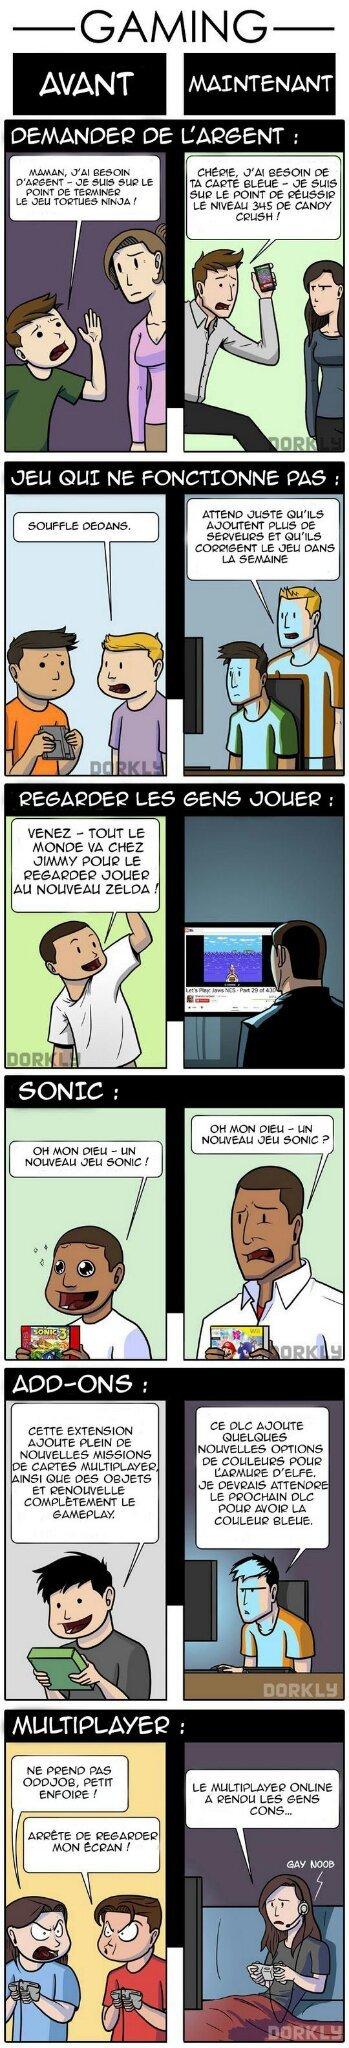 Les gamers - meme